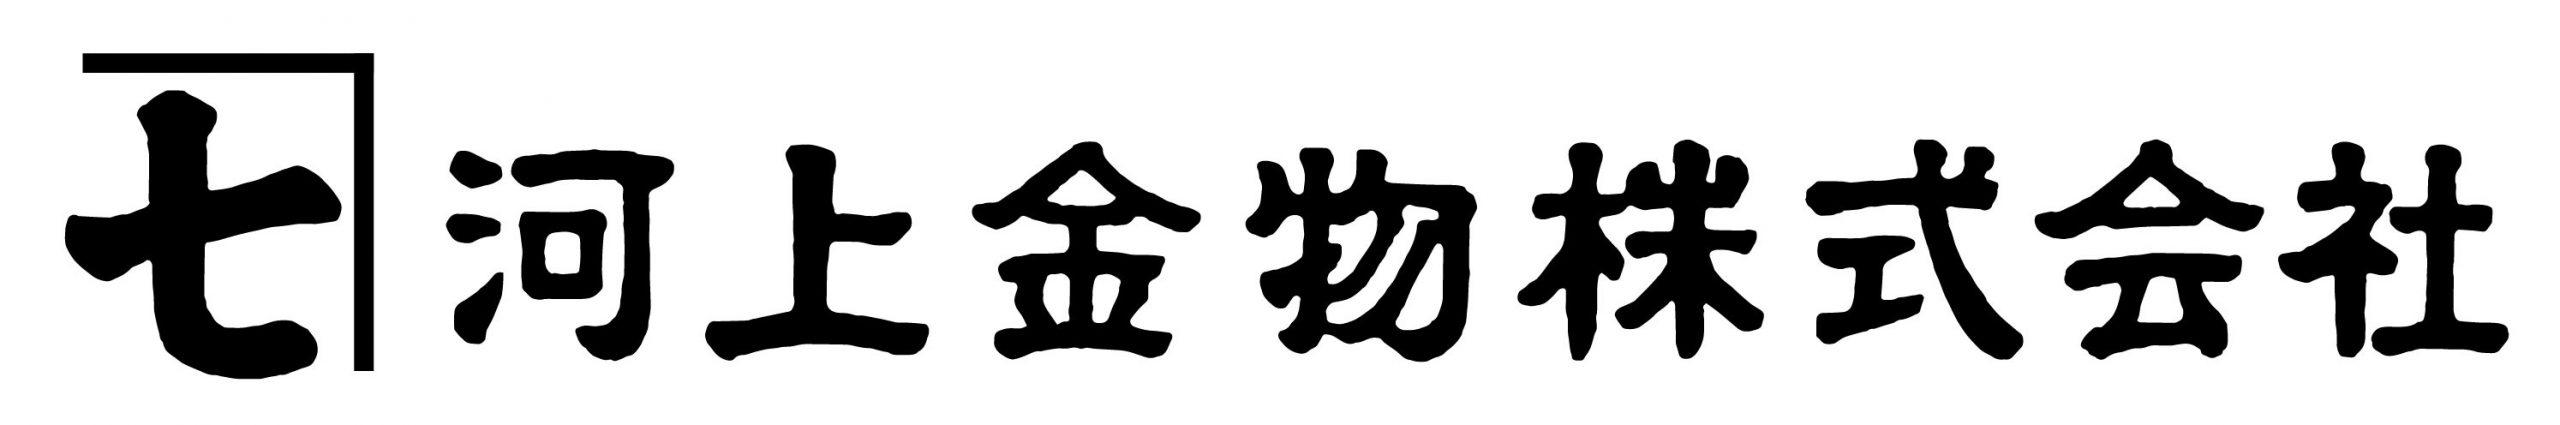 河上金物株式会社